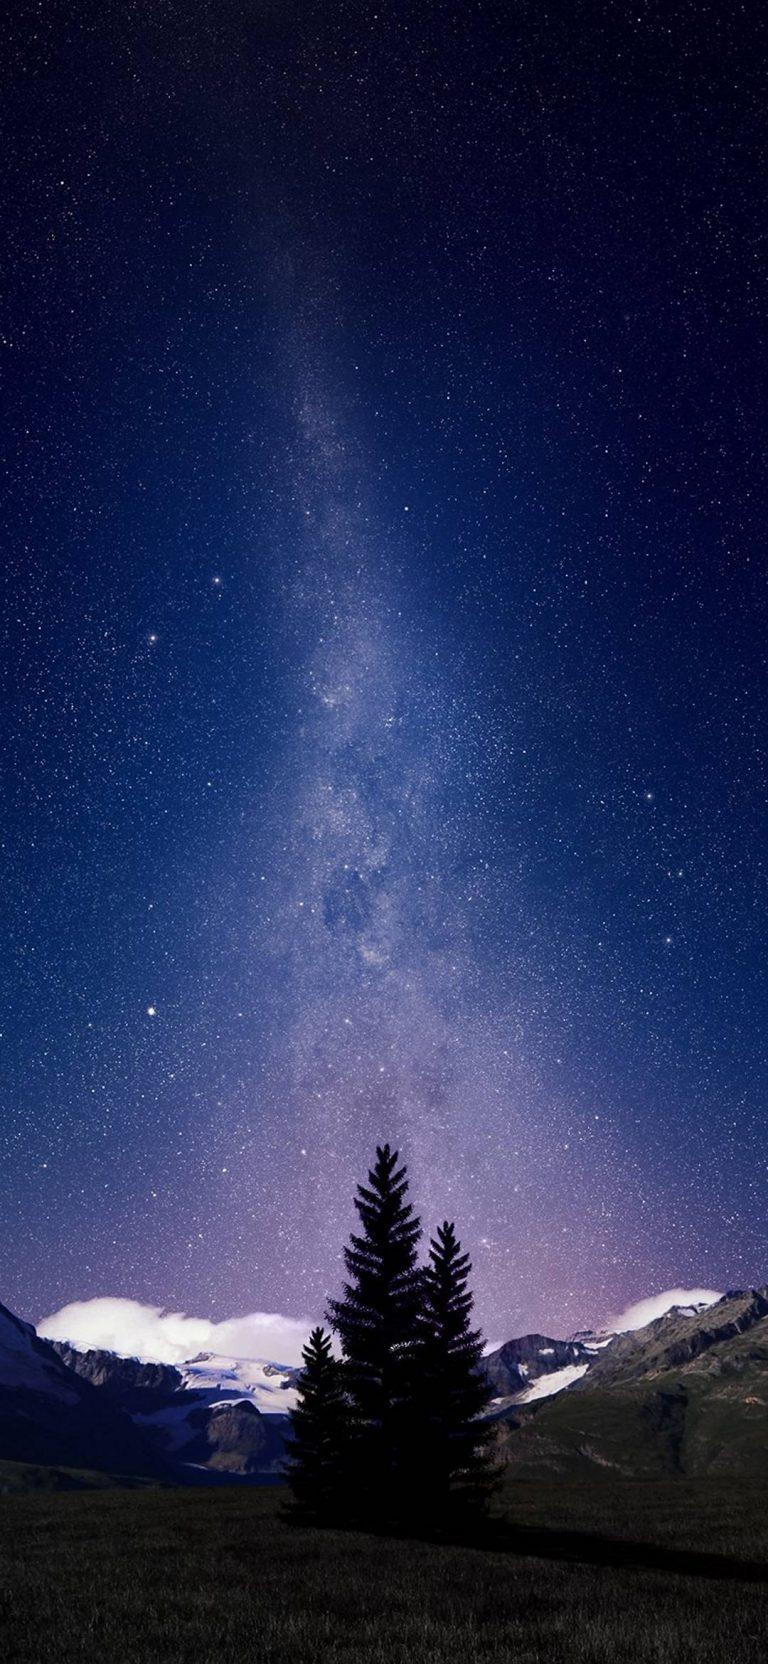 Swiss Alps Night Sky 1080x2340 768x1664